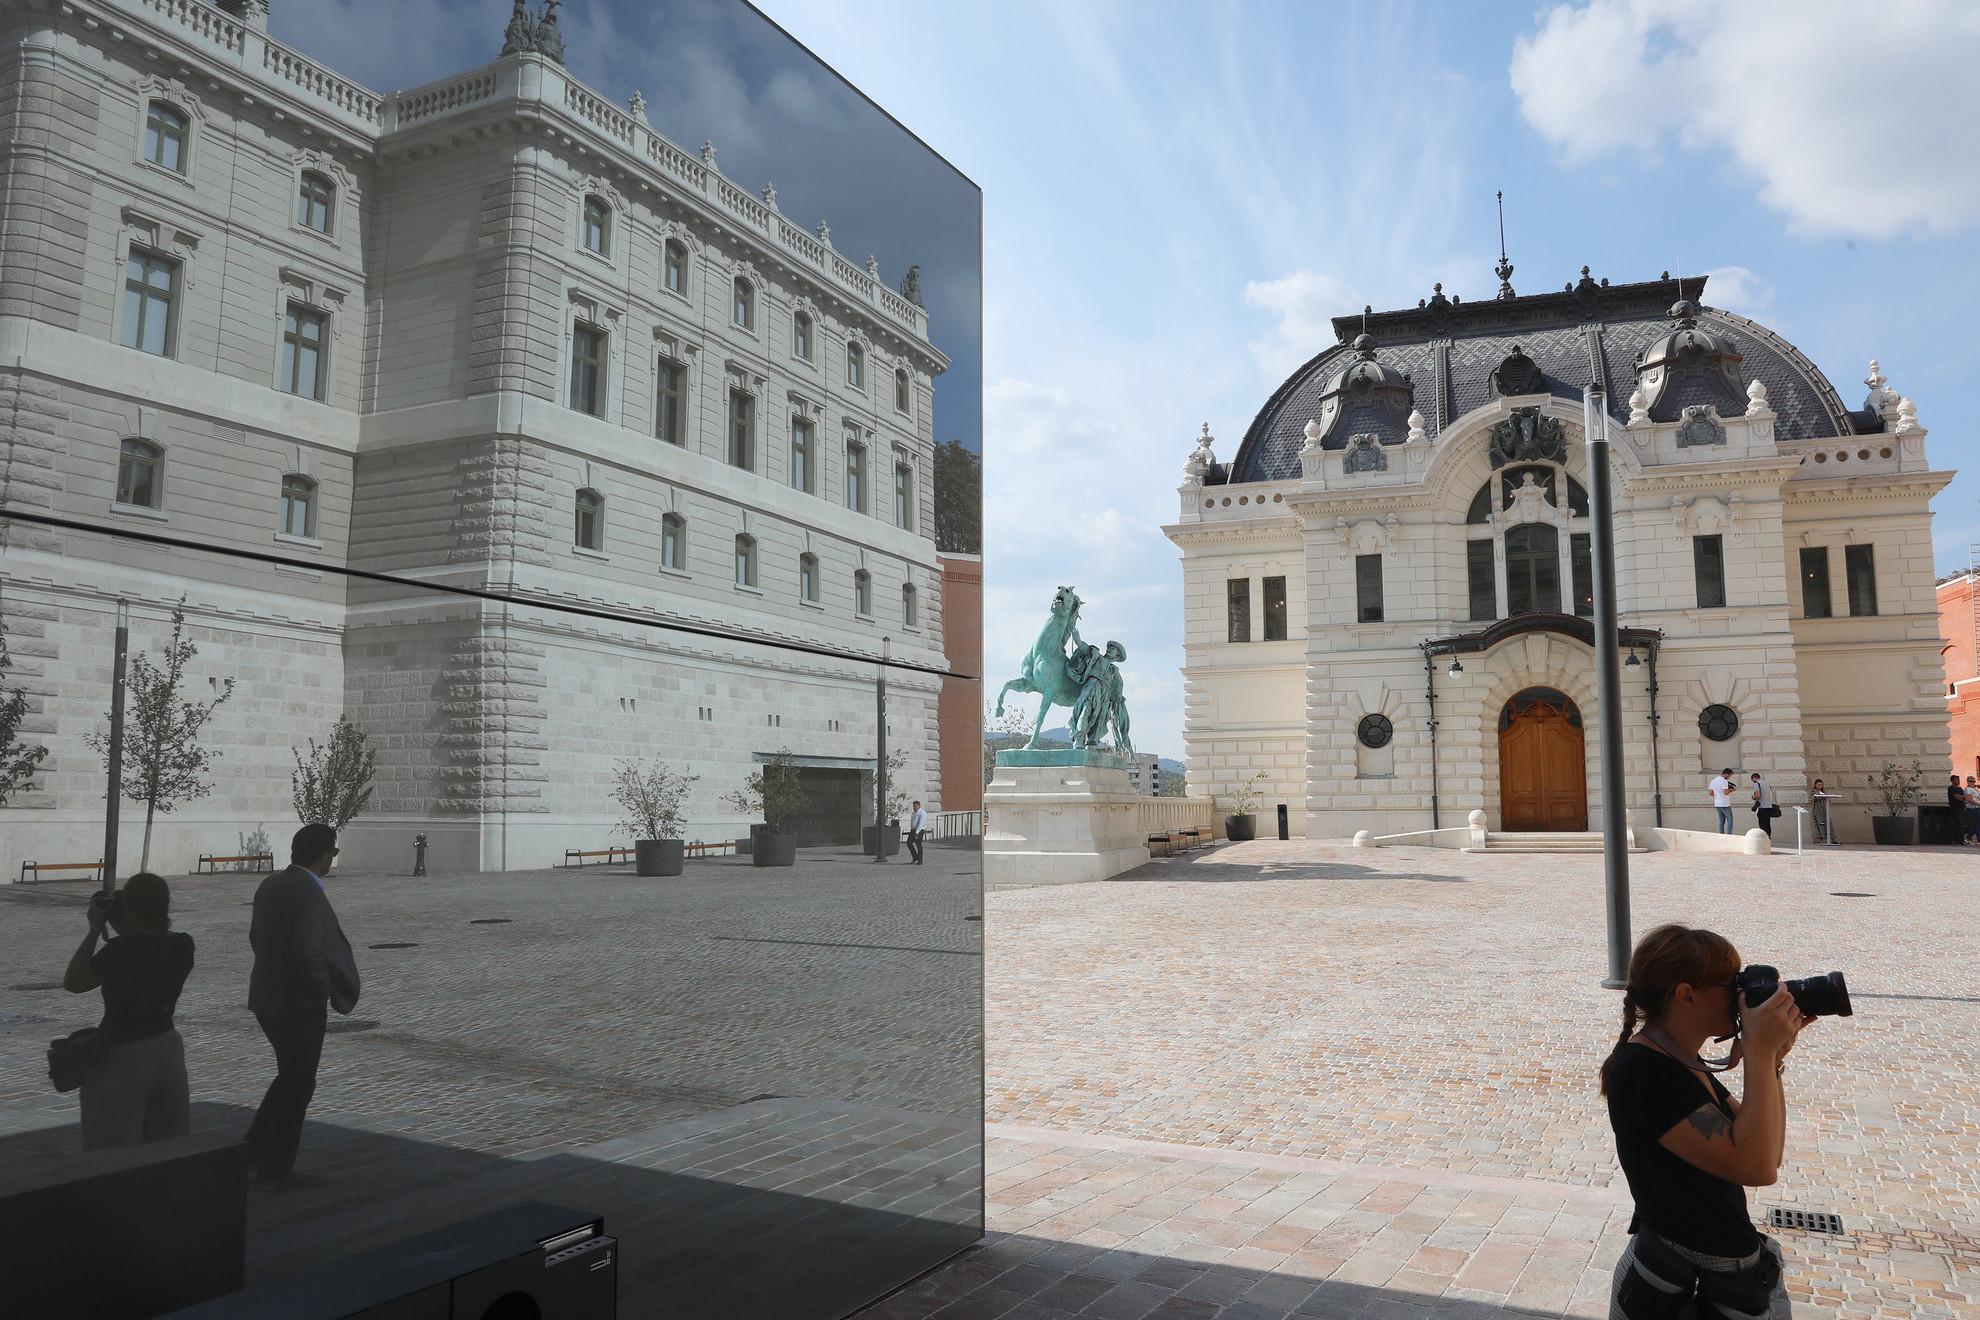 Határidő előtt elkészült a budavári Királyi Lovarda, a Stöckl-lépcső és a Csikós-udvar nagyobb részének rekonstrukciója